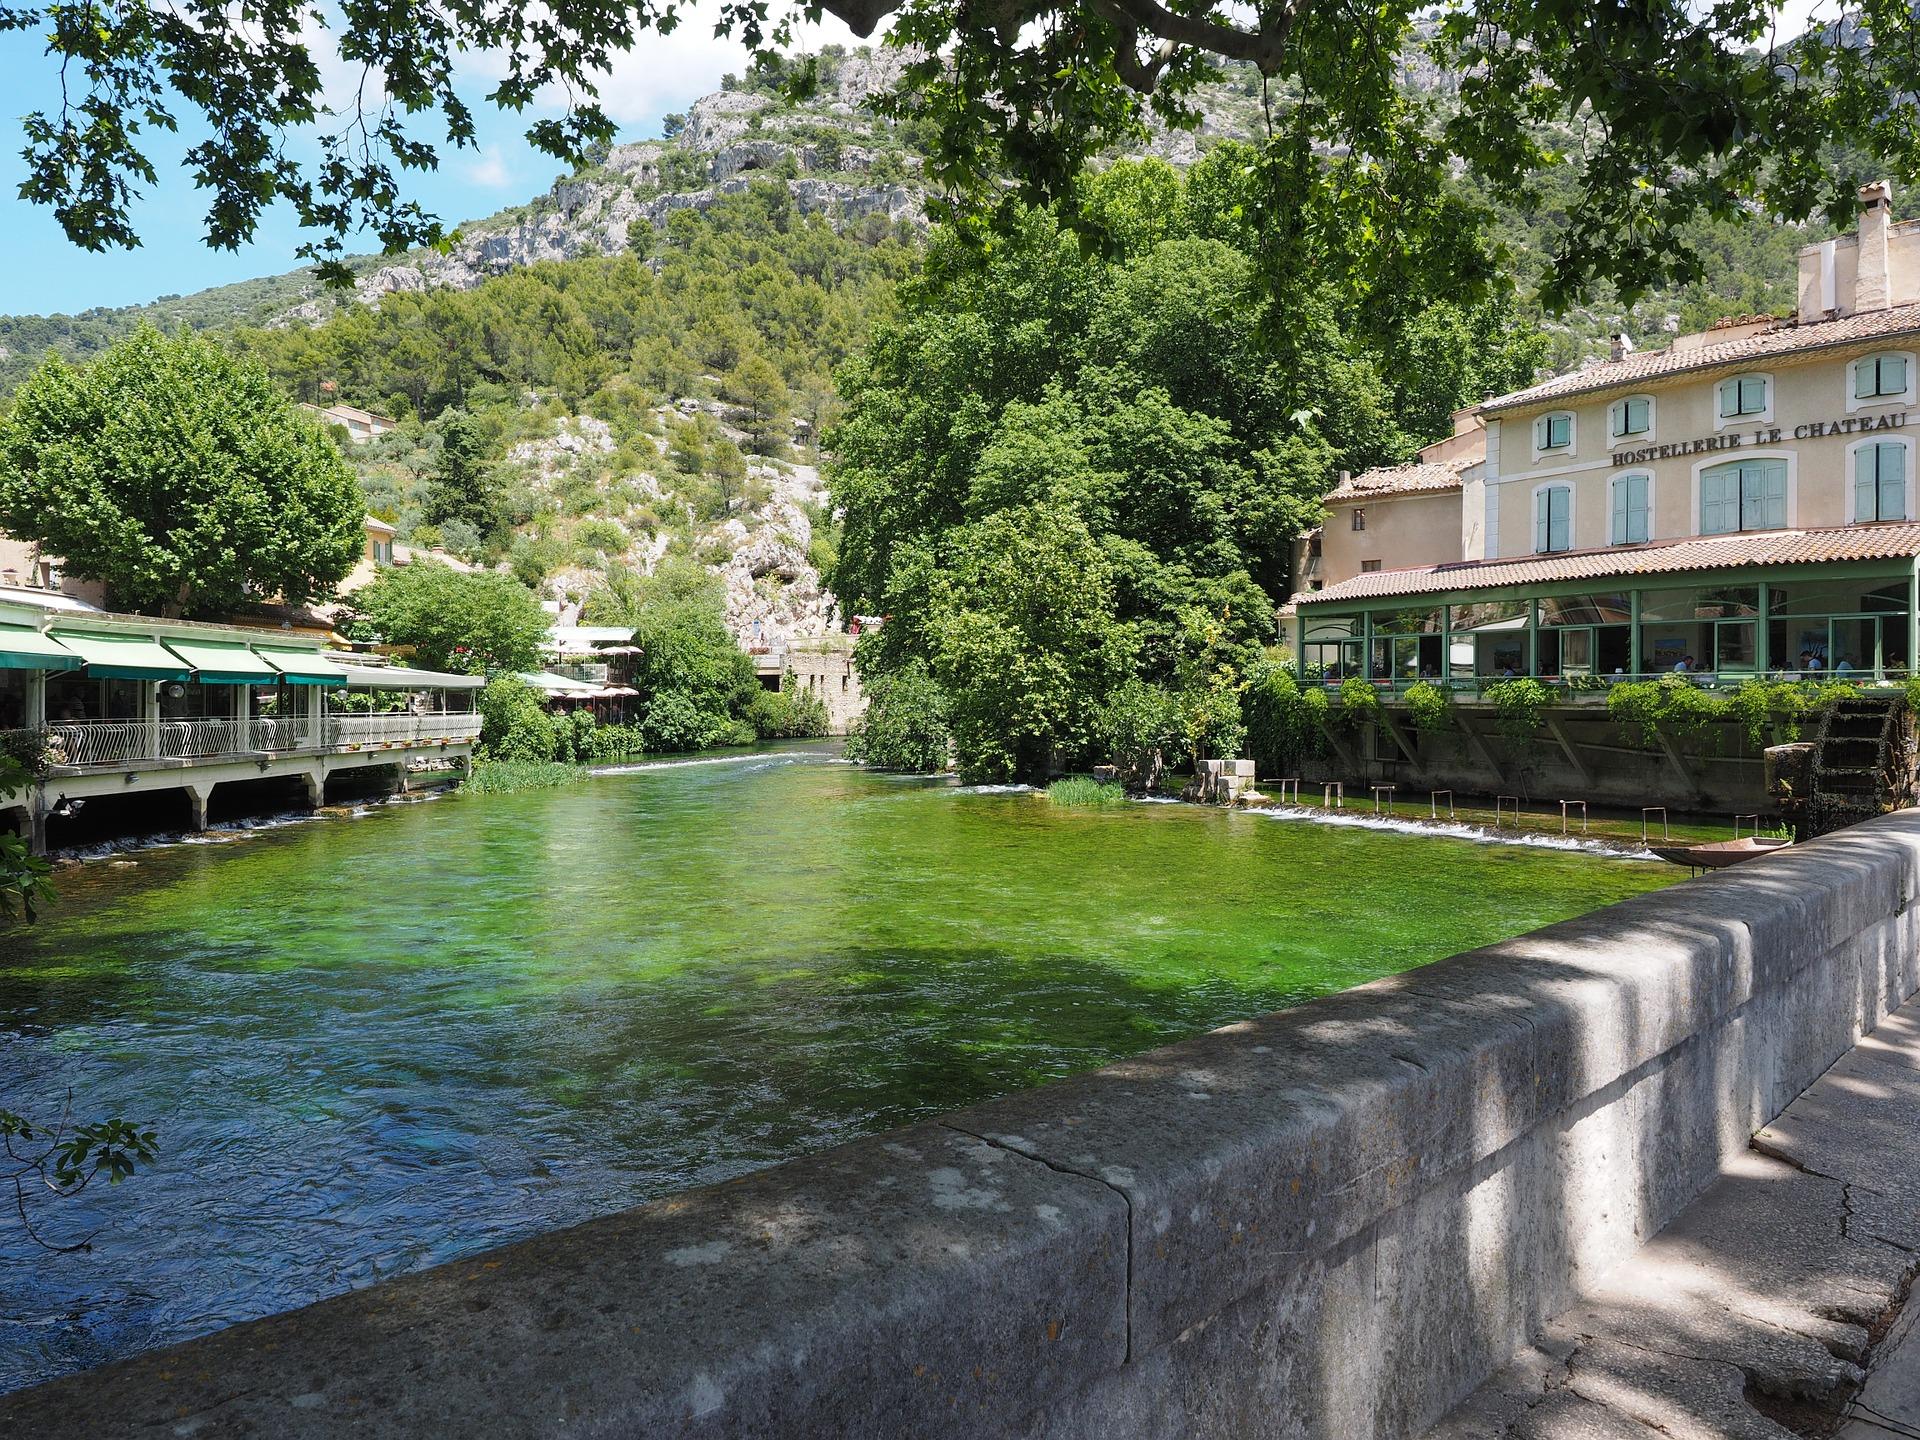 Fontaine_de_Vaucluse_CC0.jpg?1545127520